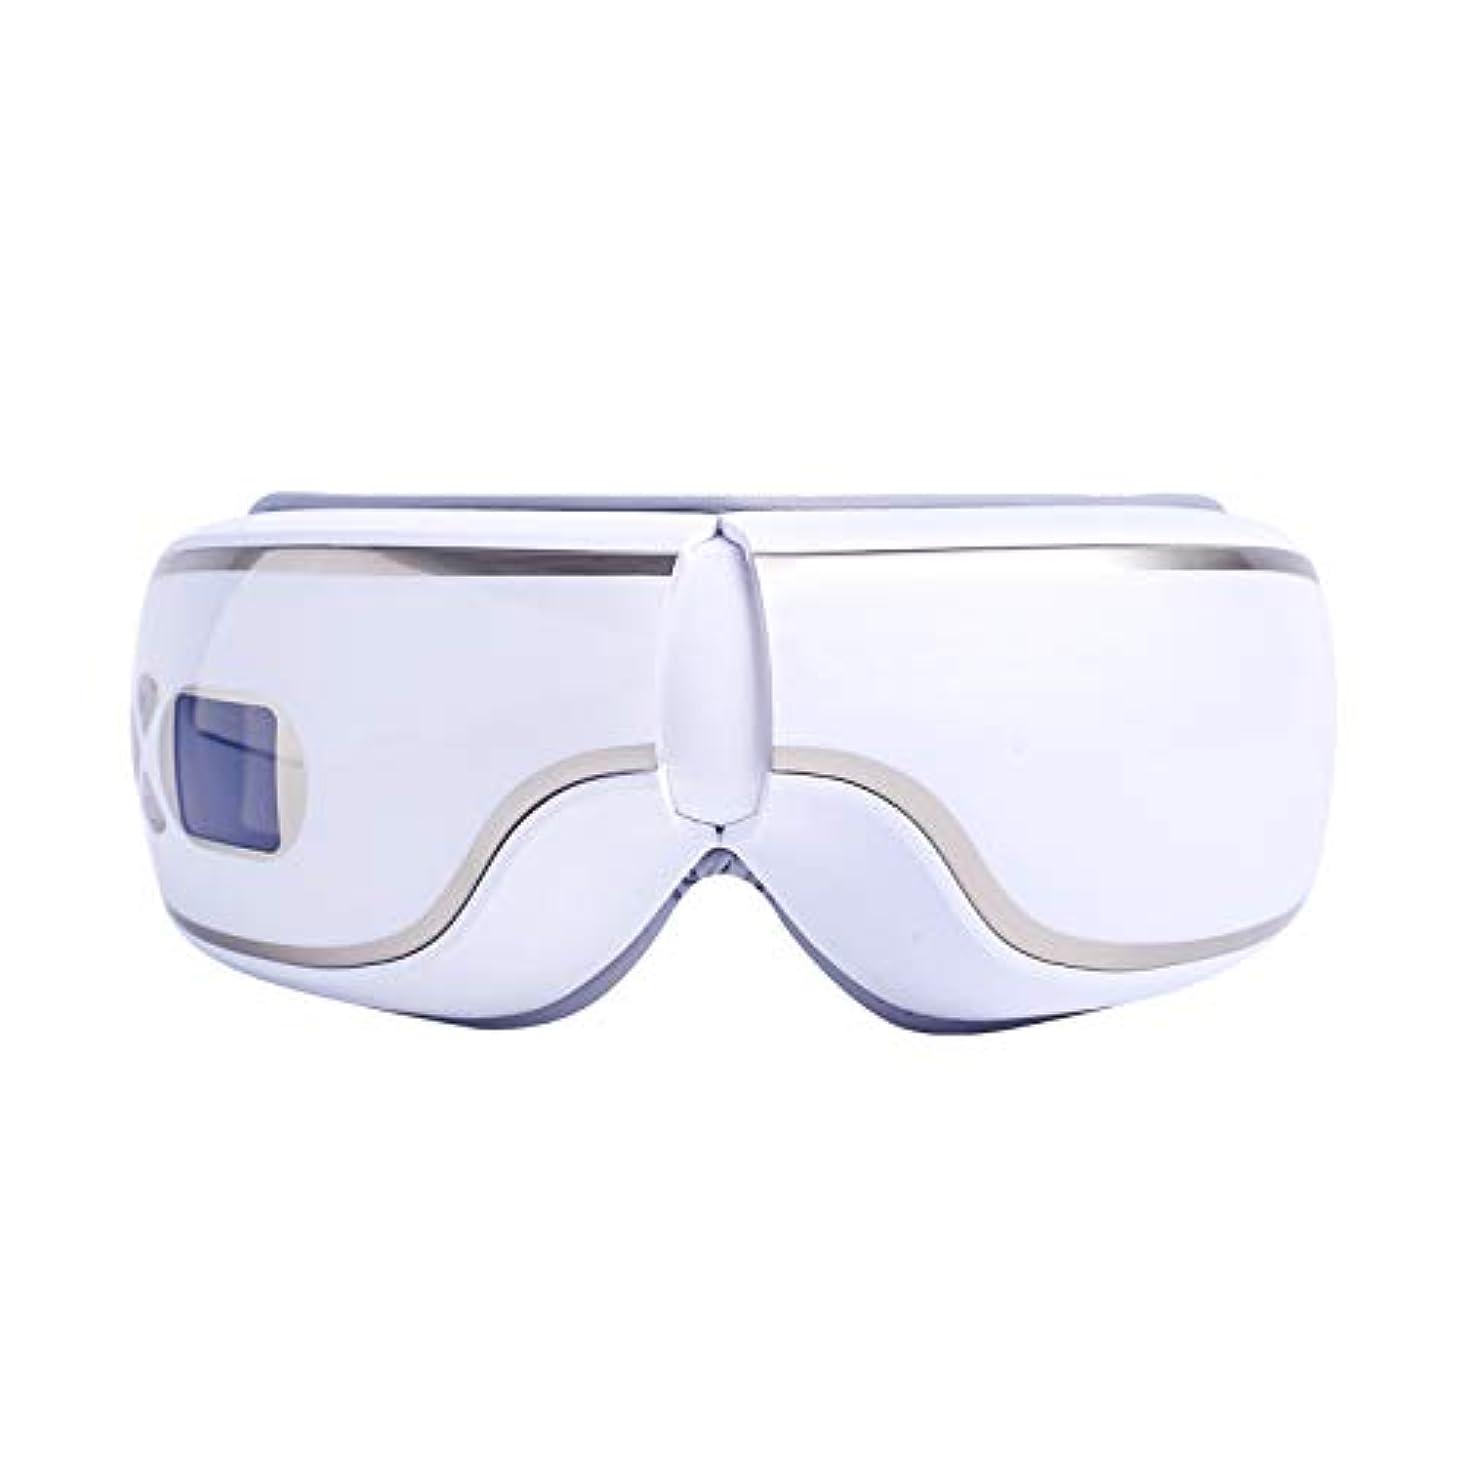 リングレット限界他の場所アイマッサージャーアイマッサージャーアイケア器具は、ダークサークルアイマスクに疲れ目を和らげます